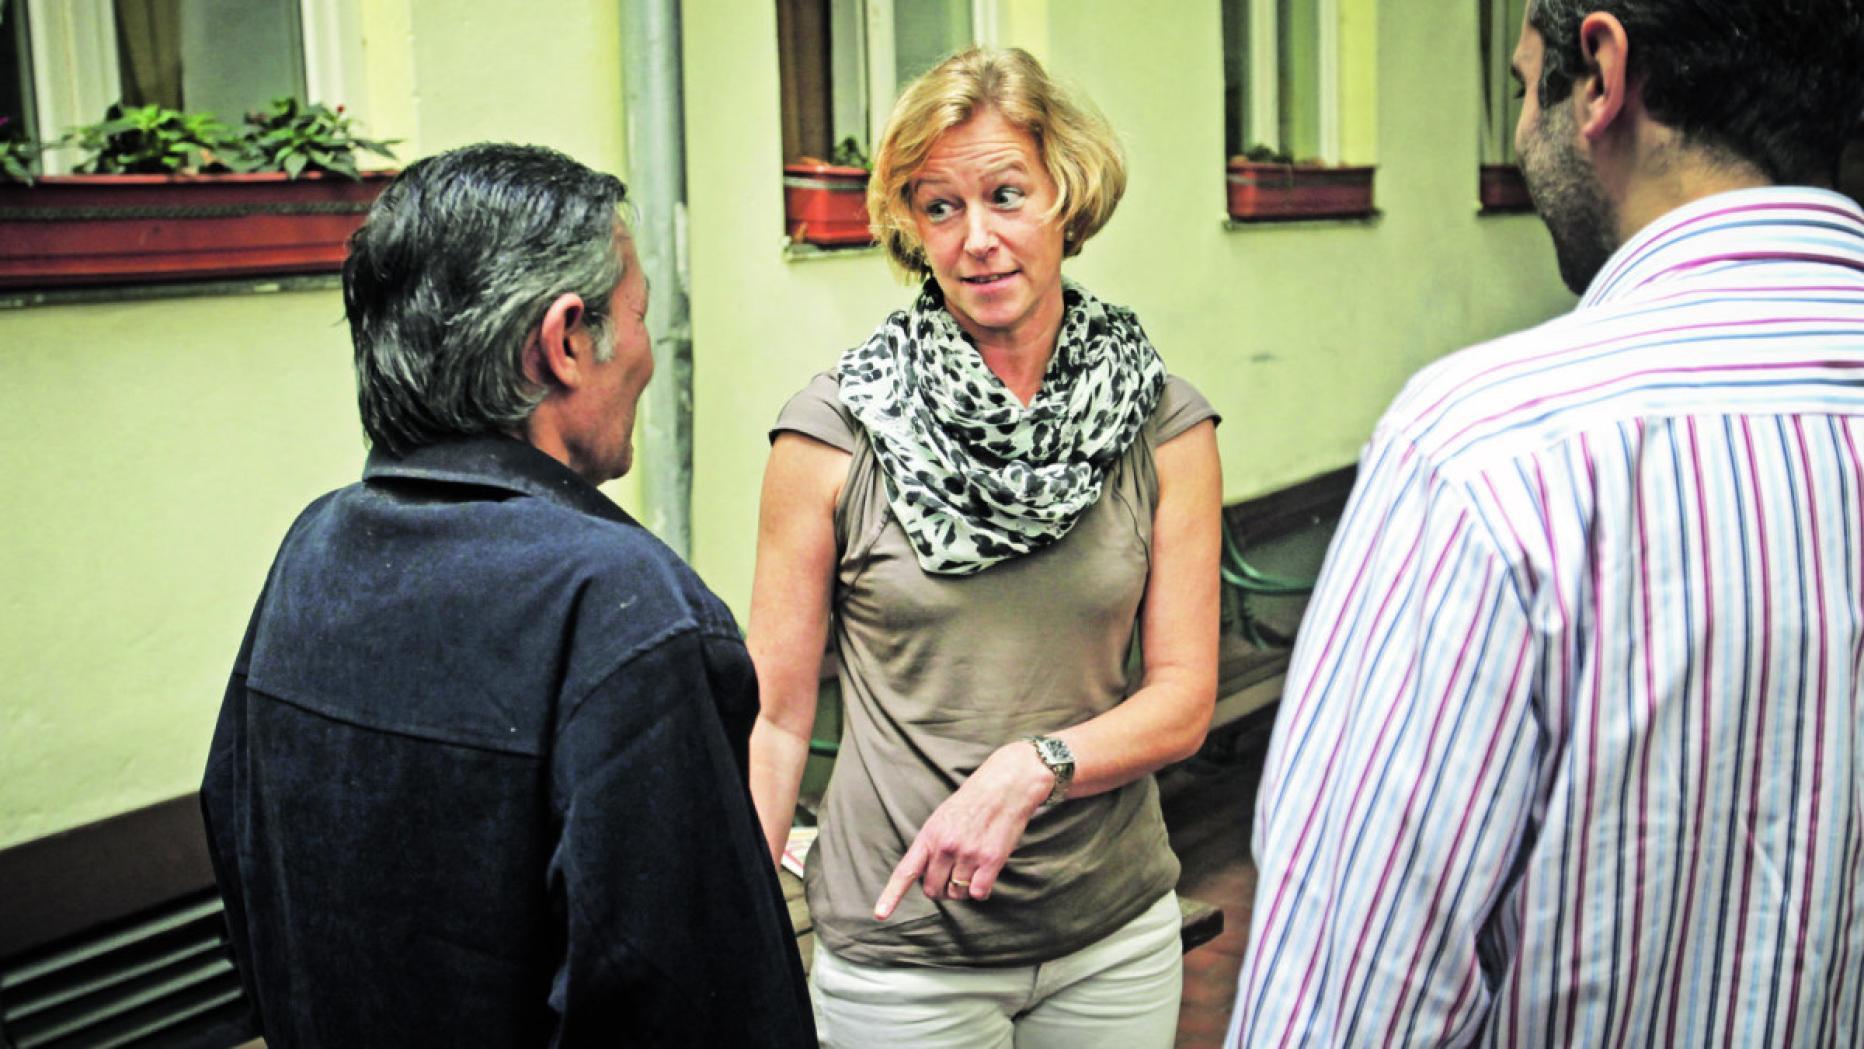 Paudorf leute kennenlernen, Stadt partnersuche aus perchtoldsdorf